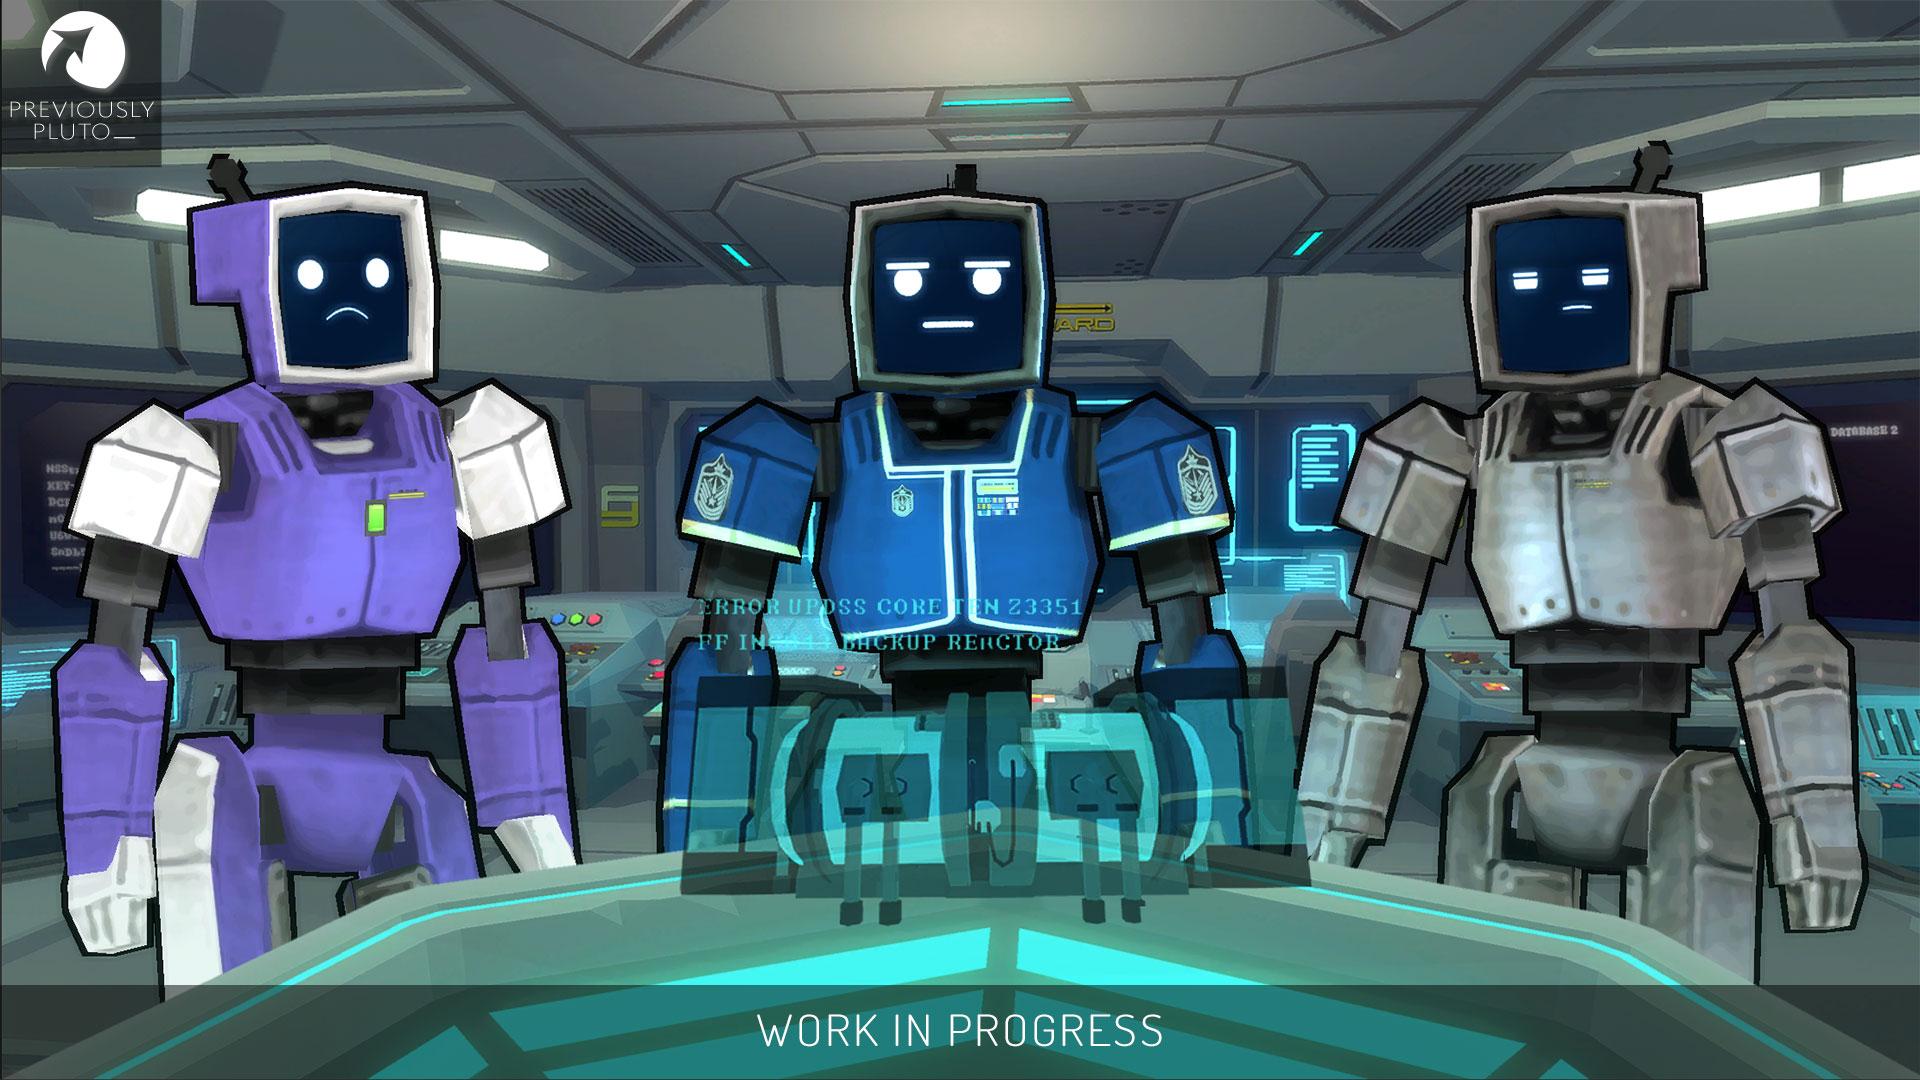 Commandcenter 3droids